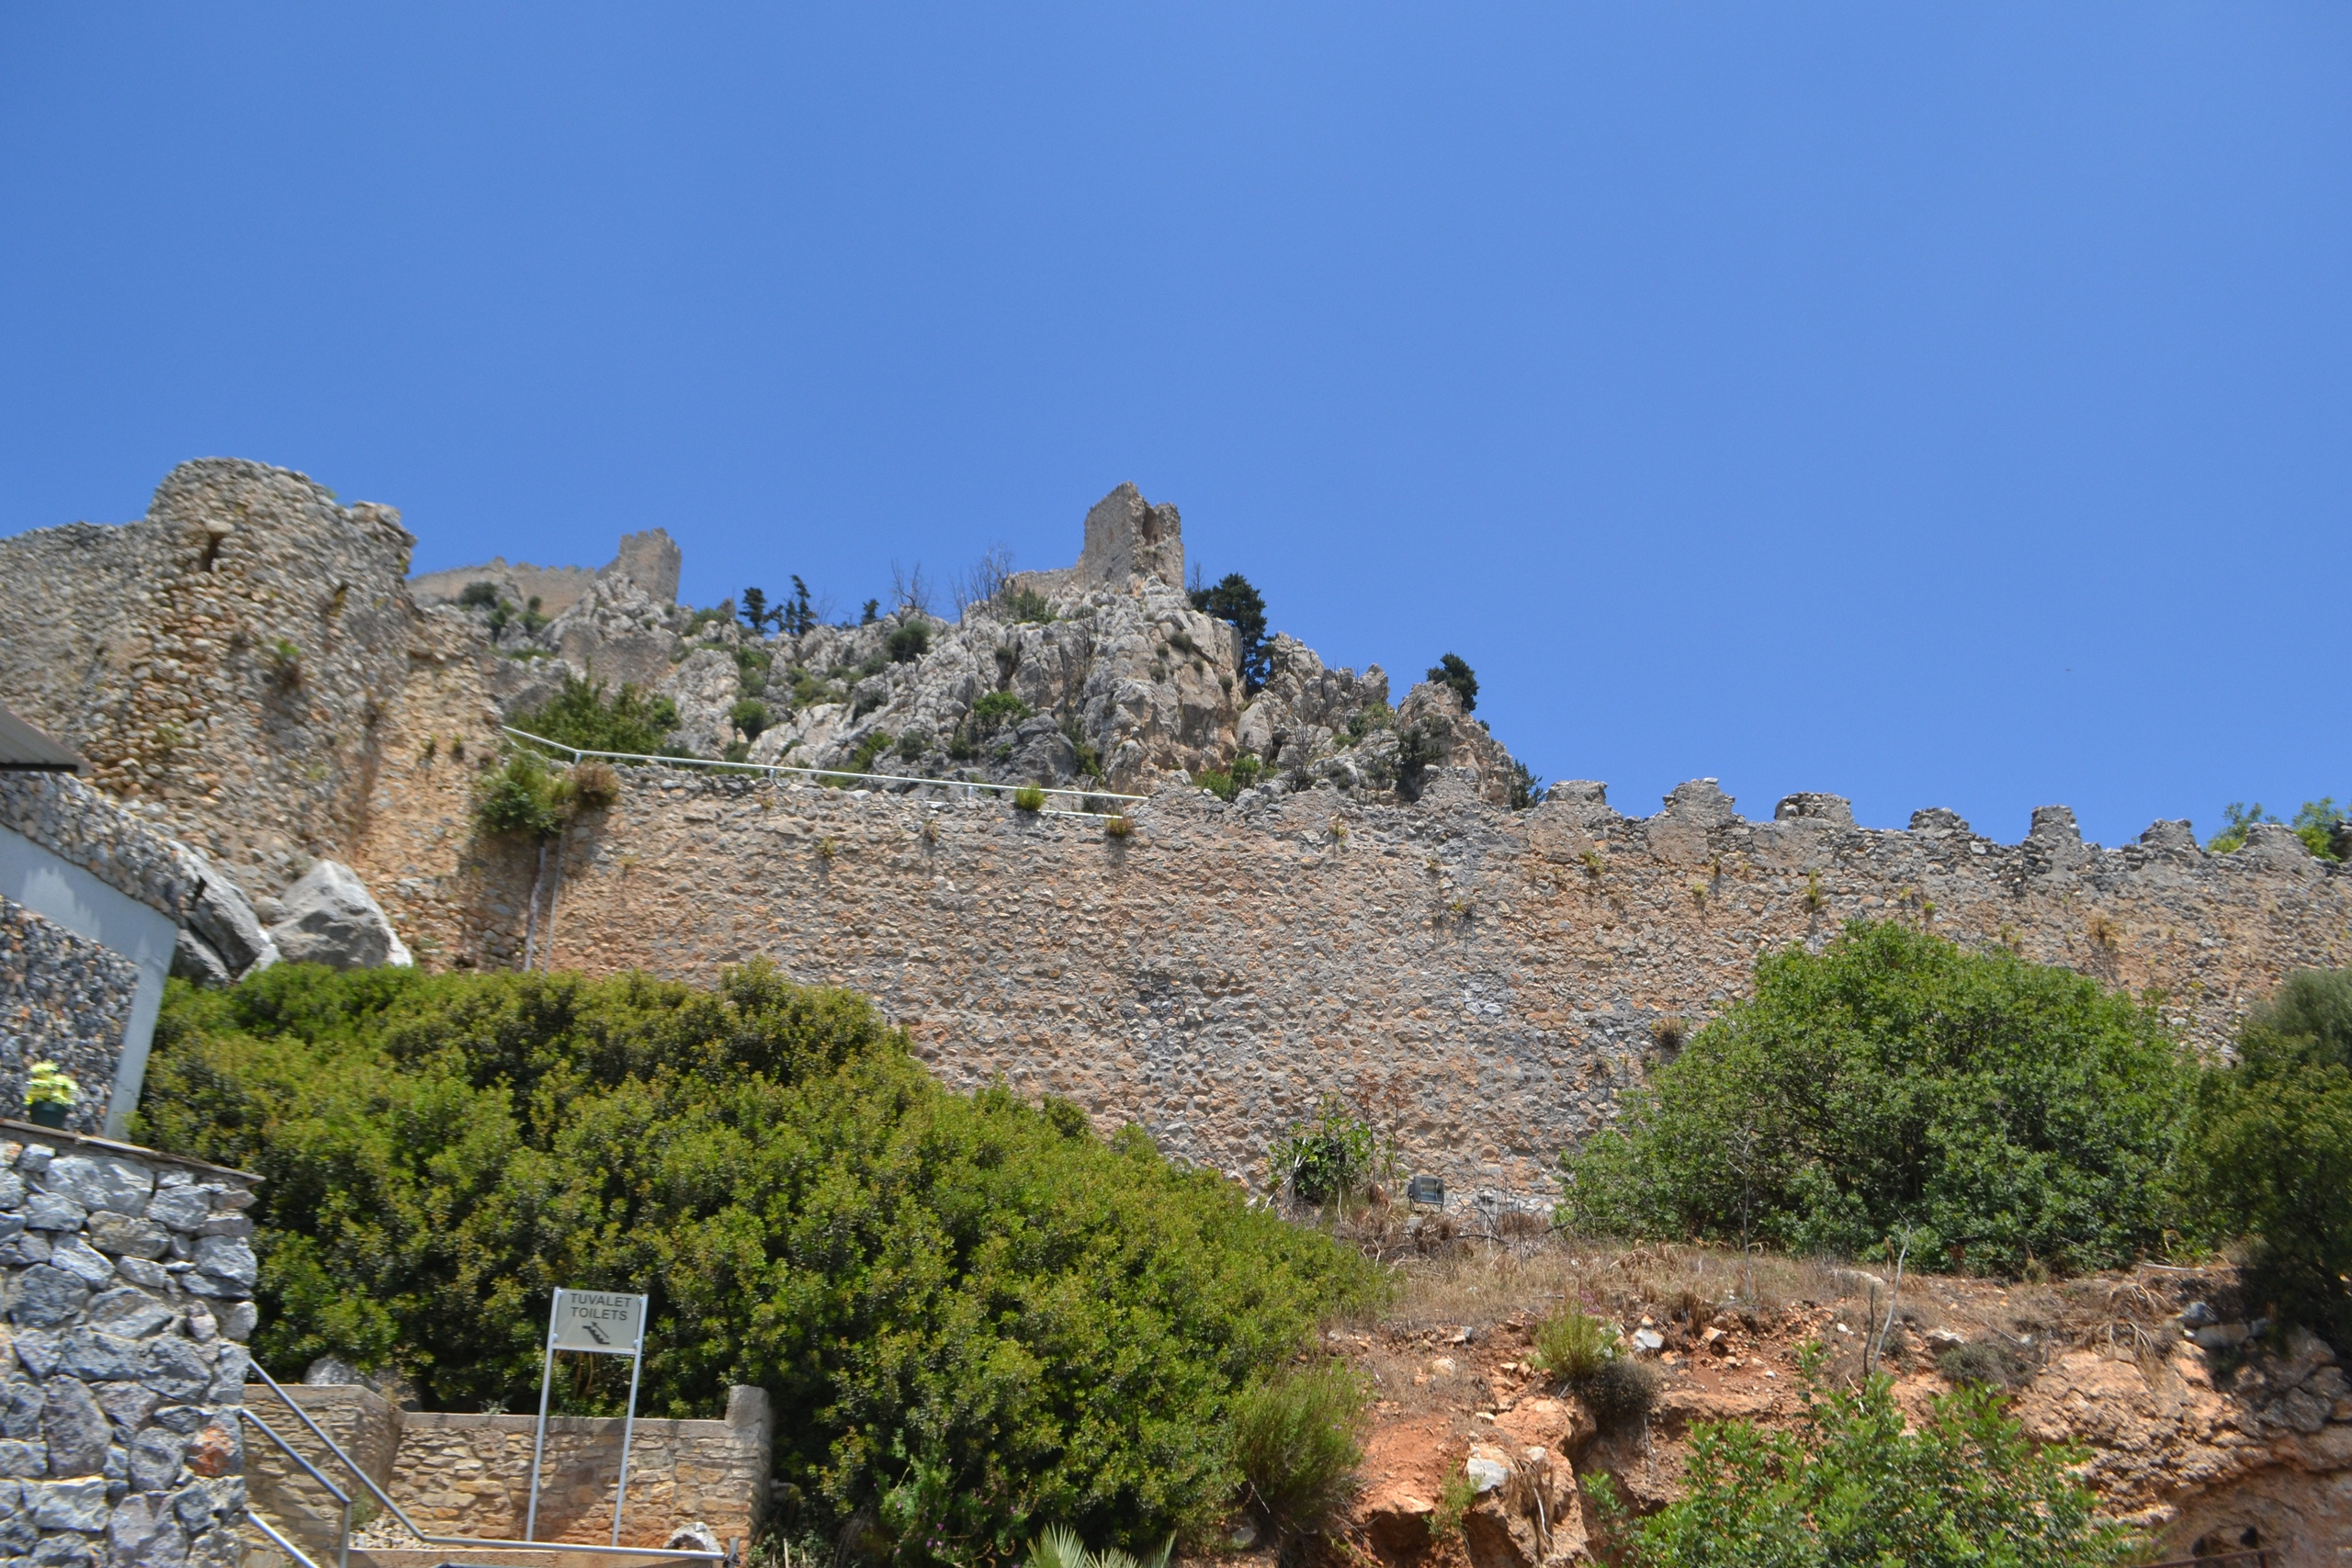 Северный Кипр. Замок Святого Иллариона. (фото). Yhgfxb-a7FQ